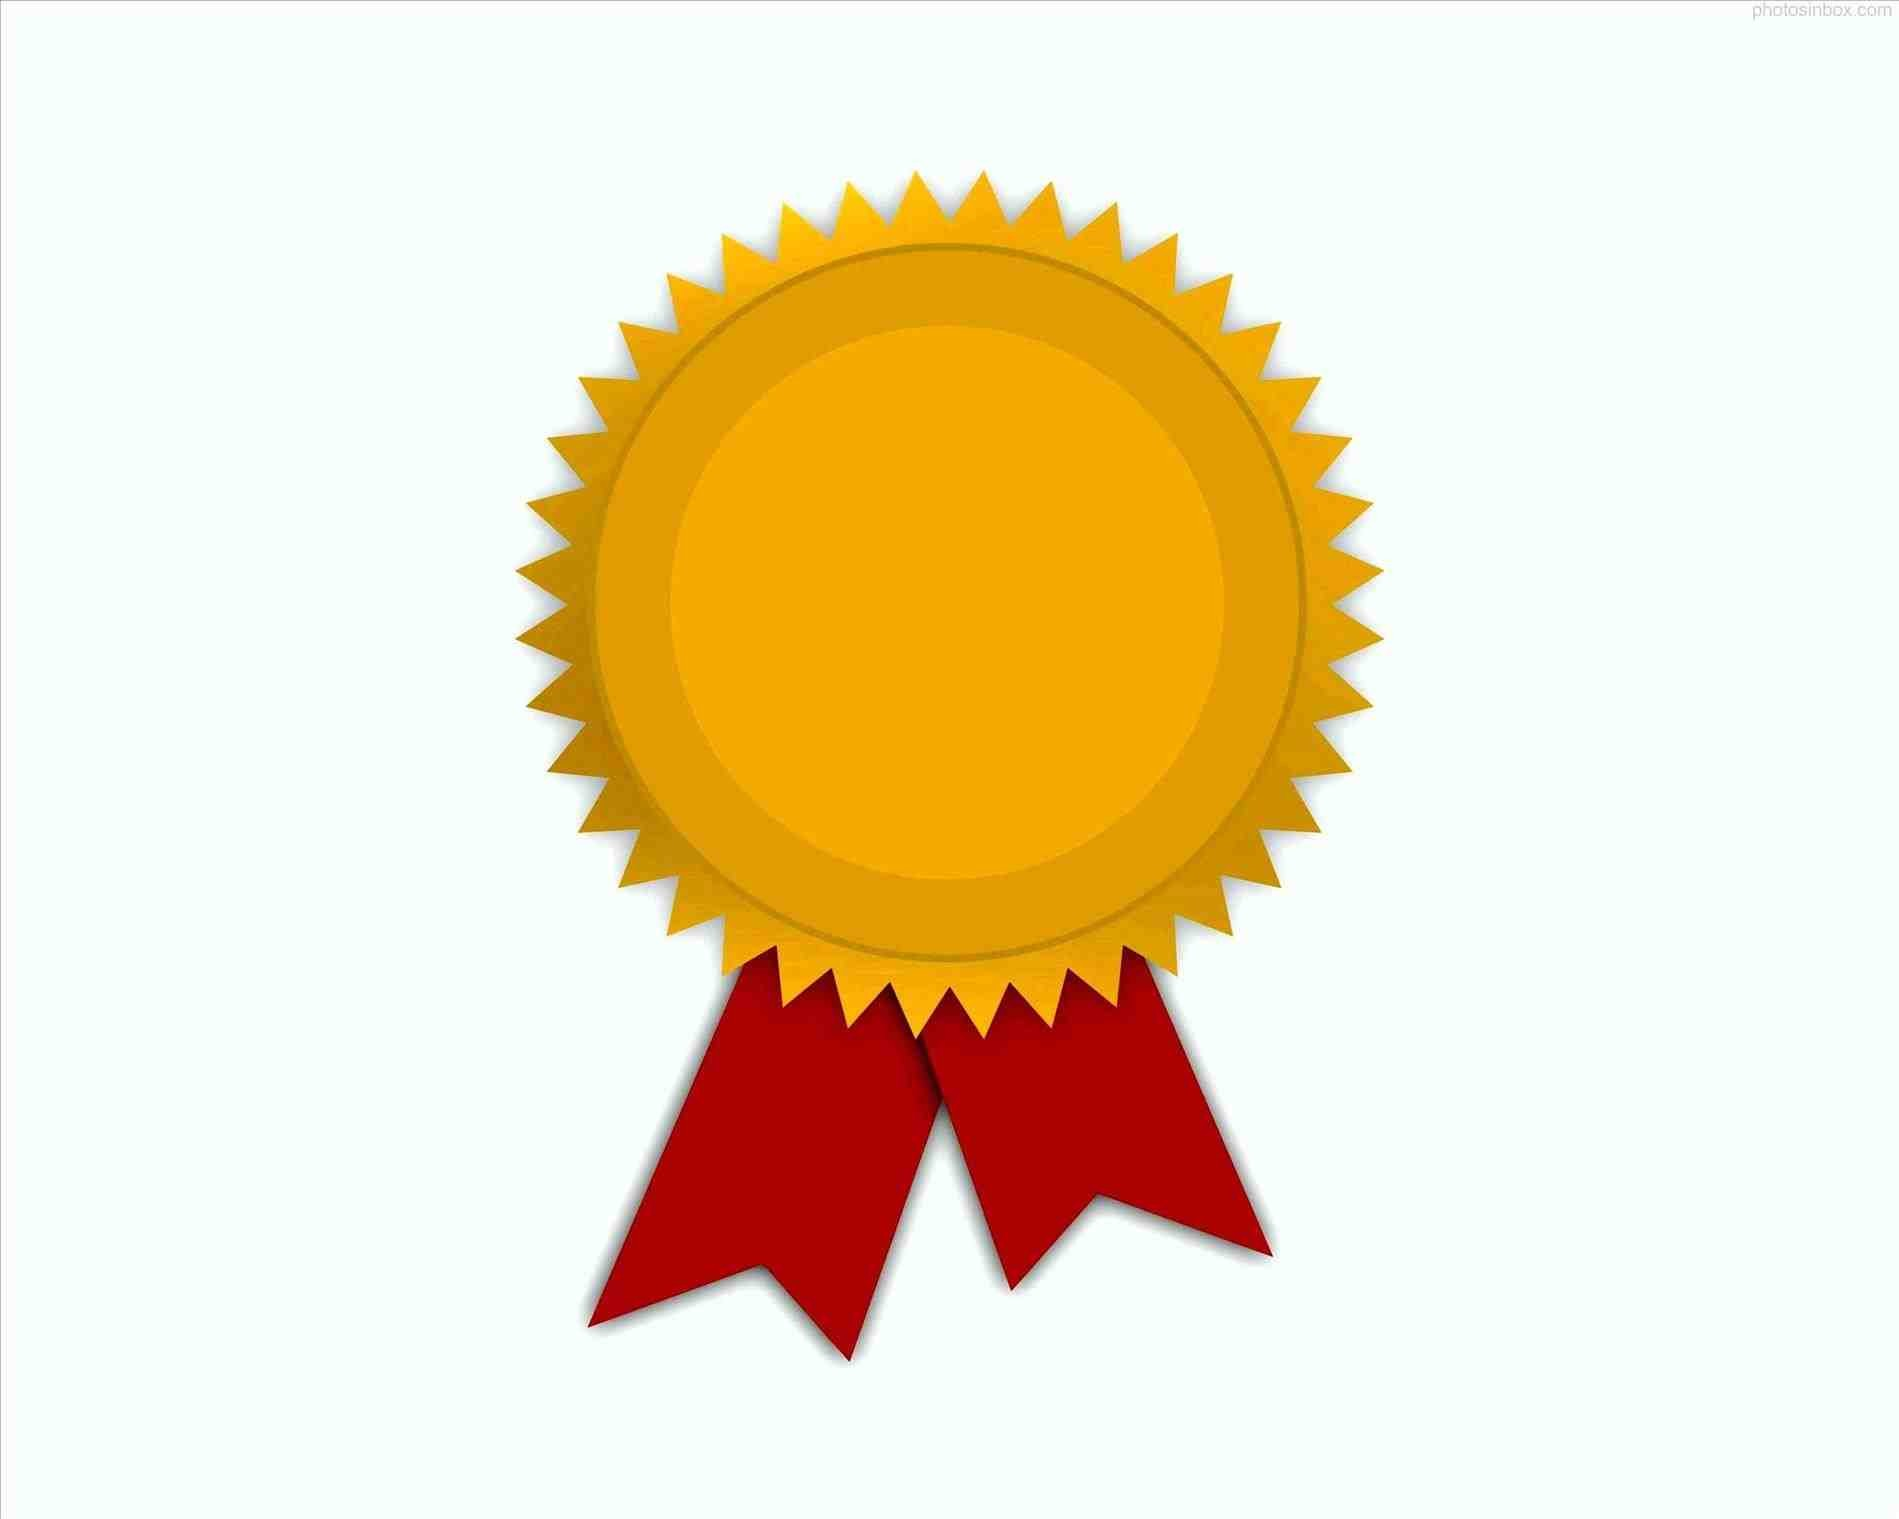 1899x1519 Award Clipart Free